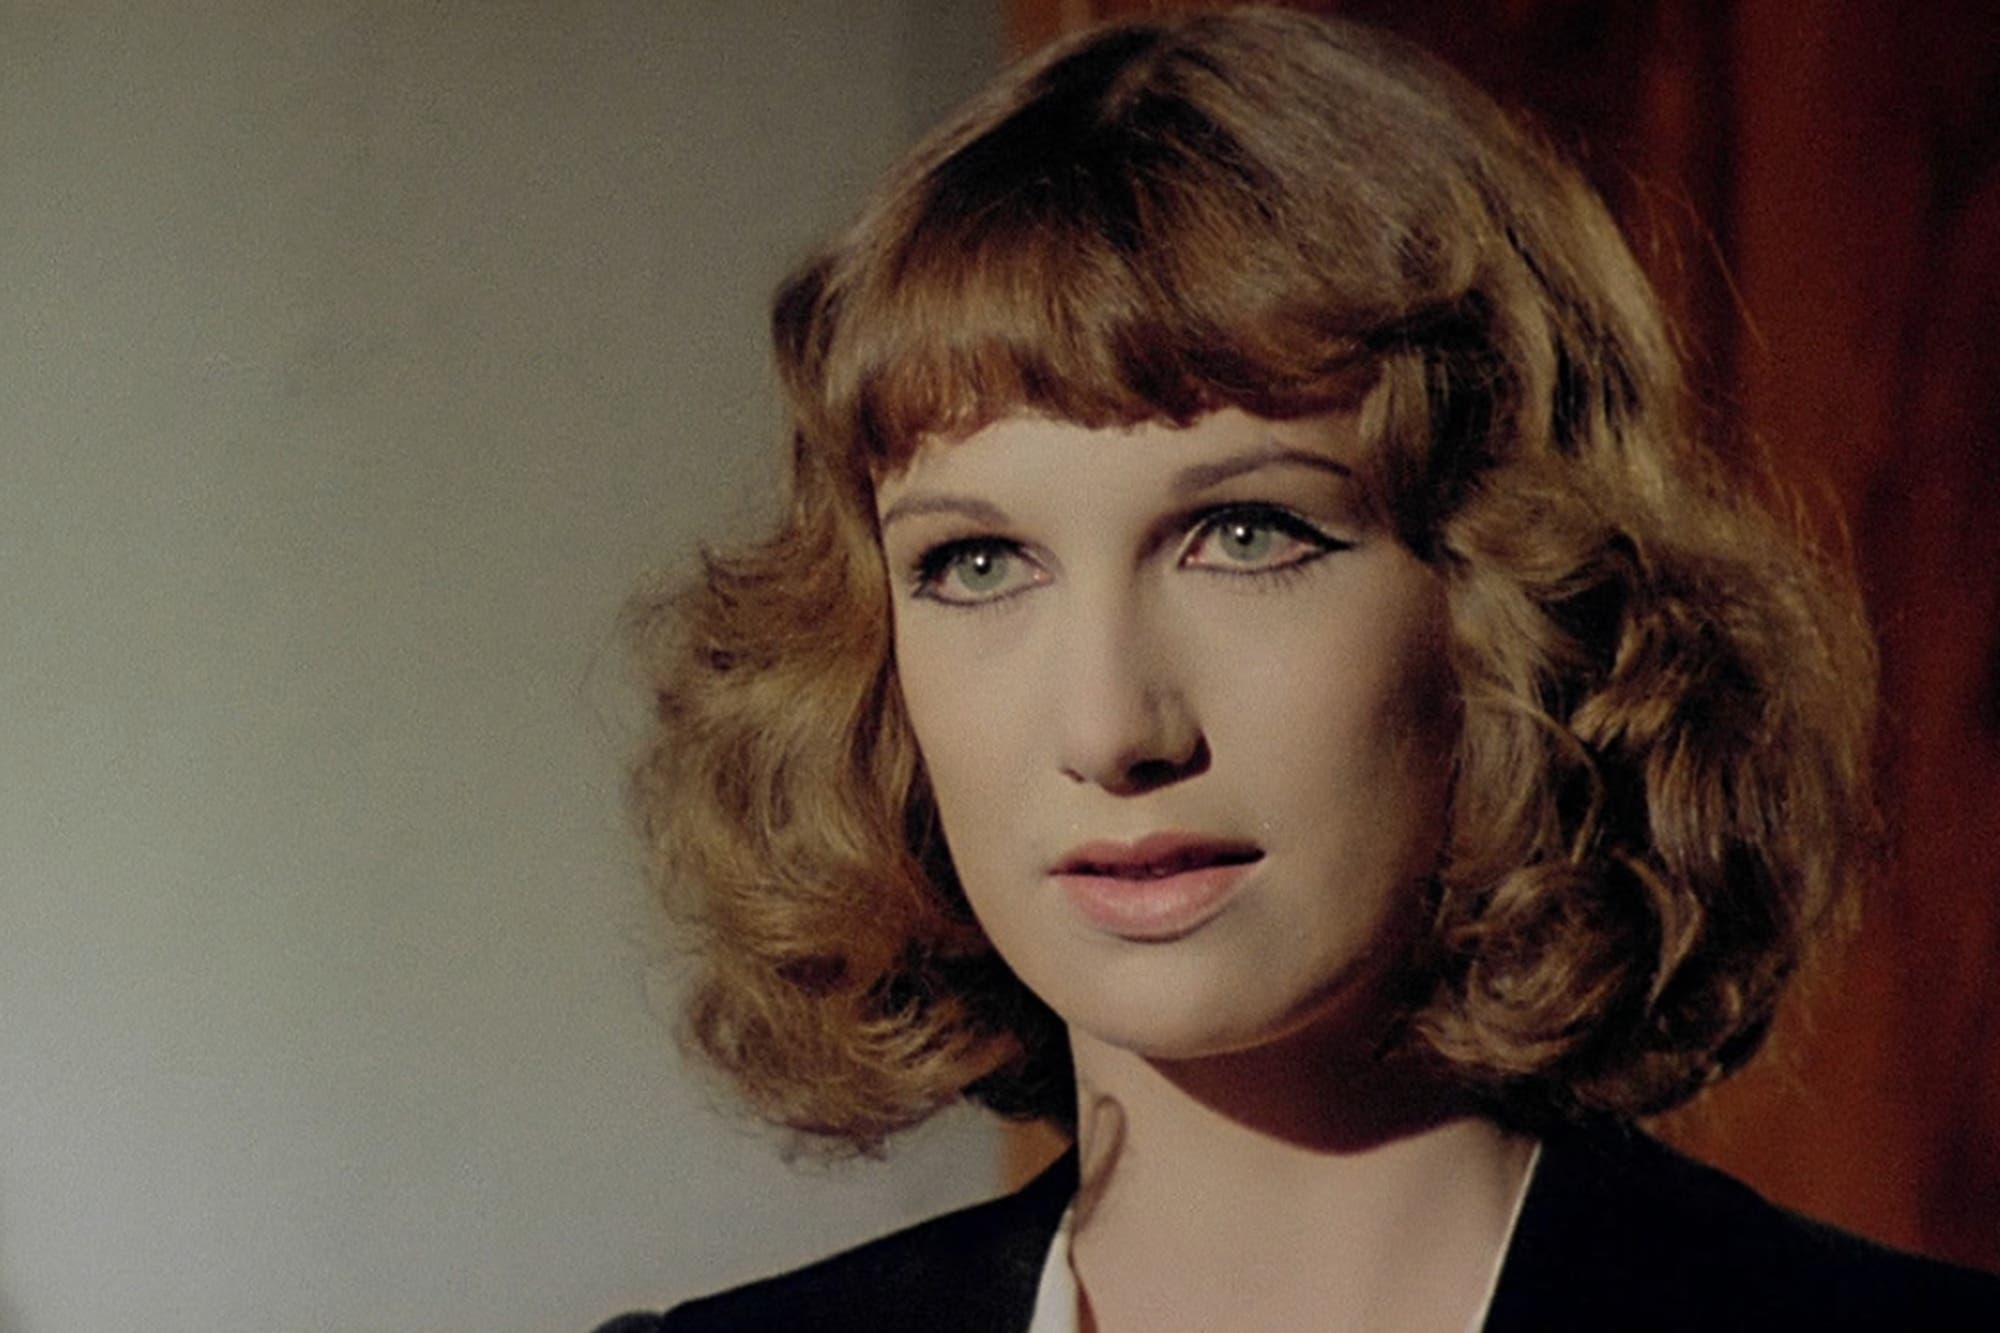 Murió Daria Nicolodi, musa del cine de terror italiano y madre de Asia Argento